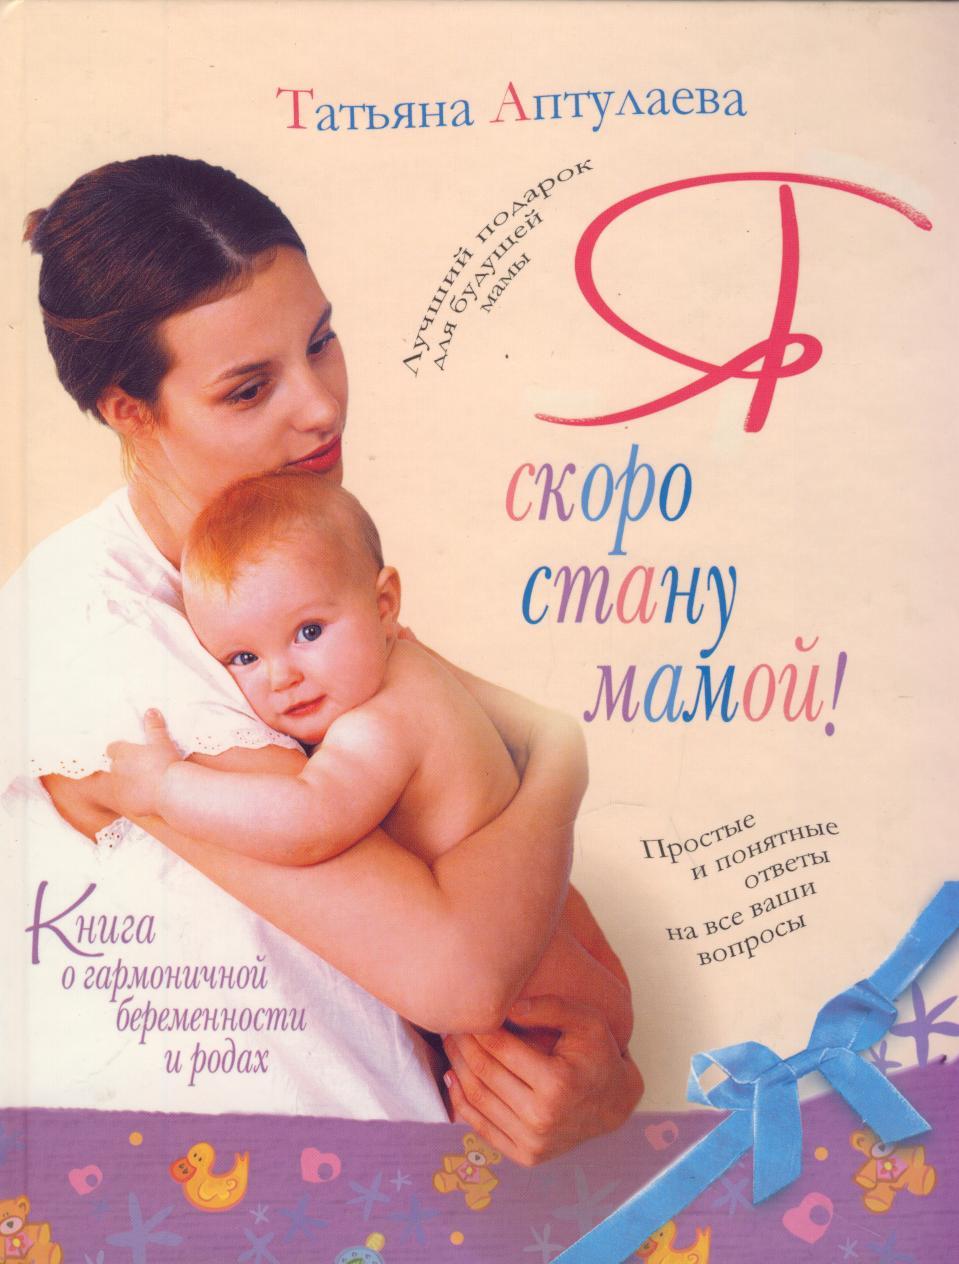 Я скоро стану мамой! Книга о гармоничной беременности и родах